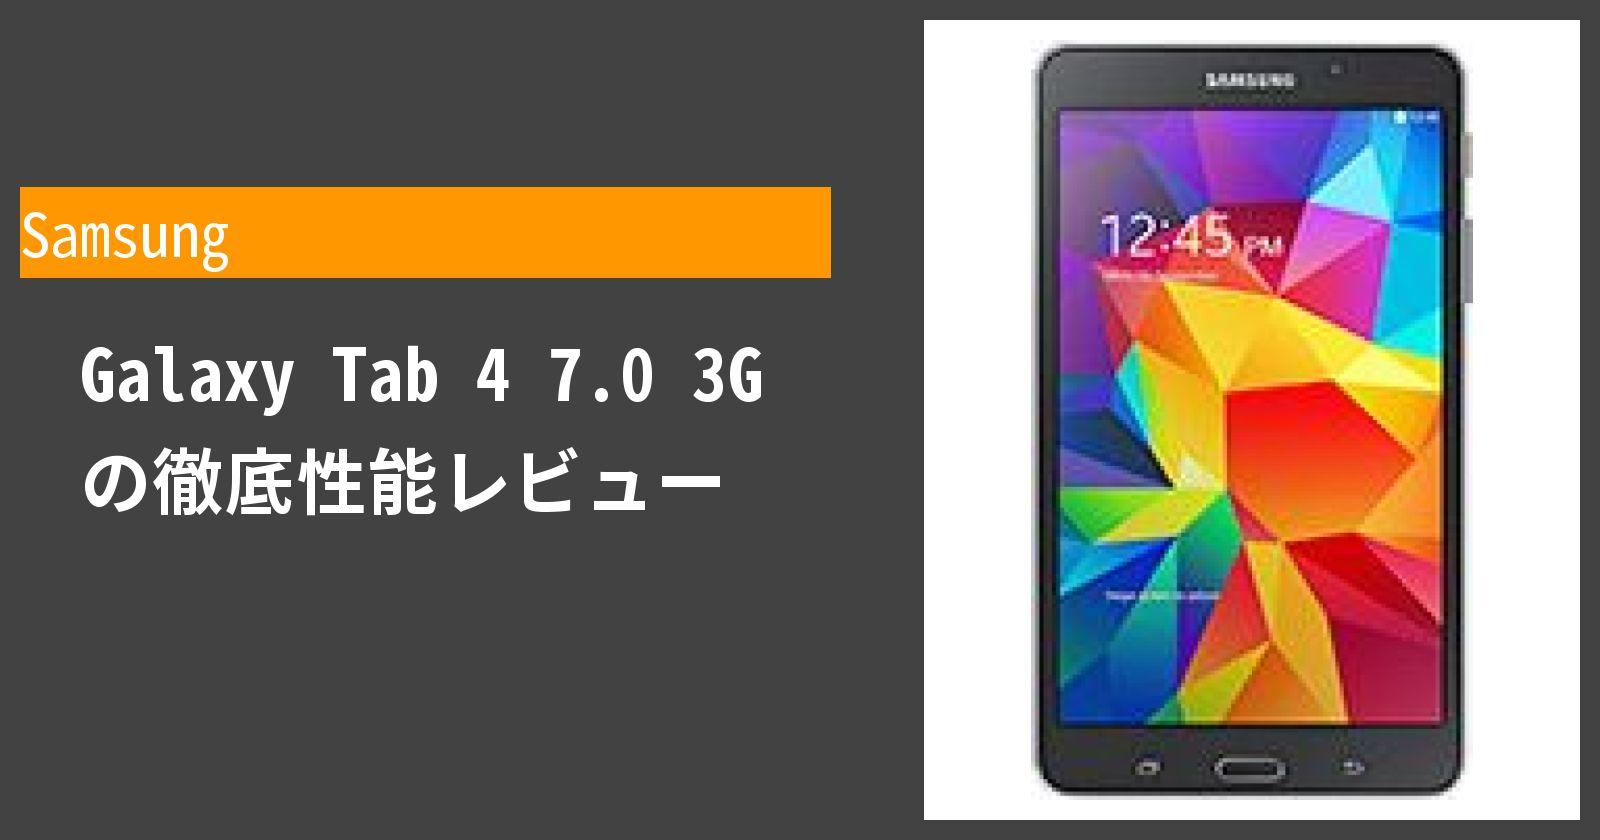 Galaxy Tab 4 7.0 3G の徹底性能レビュー